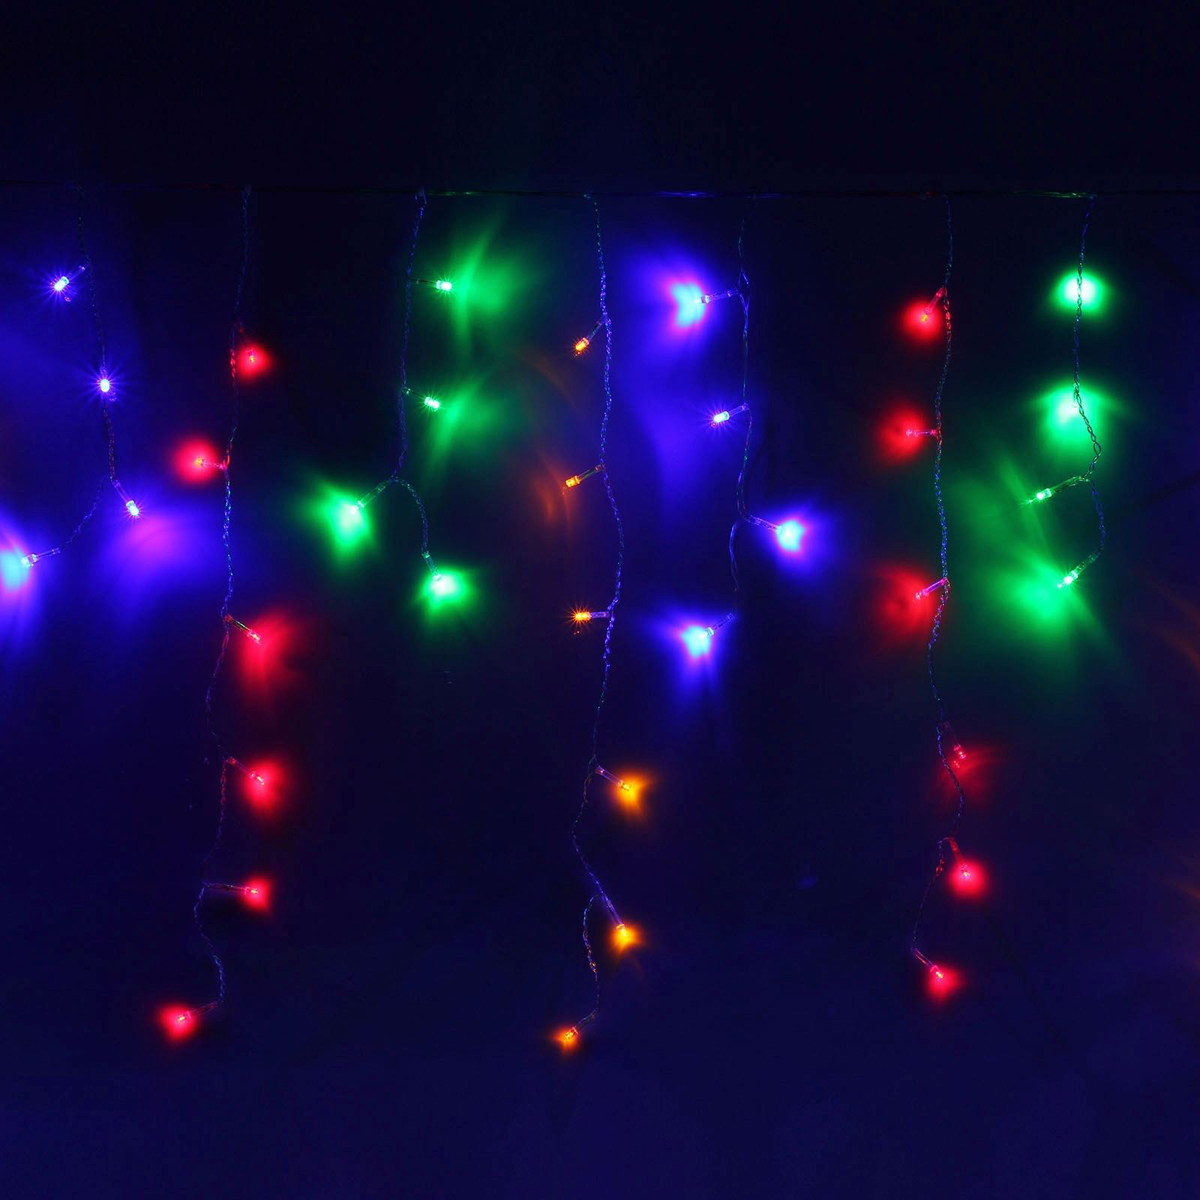 Гирлянда светодиодная Luazon Бахрома, уличная, 8 режимов, 60 ламп, 220V, цвет: мультиколор, 1 х 0,6 м. 671663671663Светодиодные гирлянды, ленты и т.д — это отличный вариант для новогоднего оформления интерьера или фасада. С их помощью помещение любого размера можно превратить в праздничный зал, а внешние элементы зданий, украшенные ими, мгновенно станут напоминать очертания сказочного дворца. Такие украшения создают ауру предвкушения чуда. Деревья, фасады, витрины, окна и арки будто специально созданы, чтобы вы украсили их светящимися нитями.